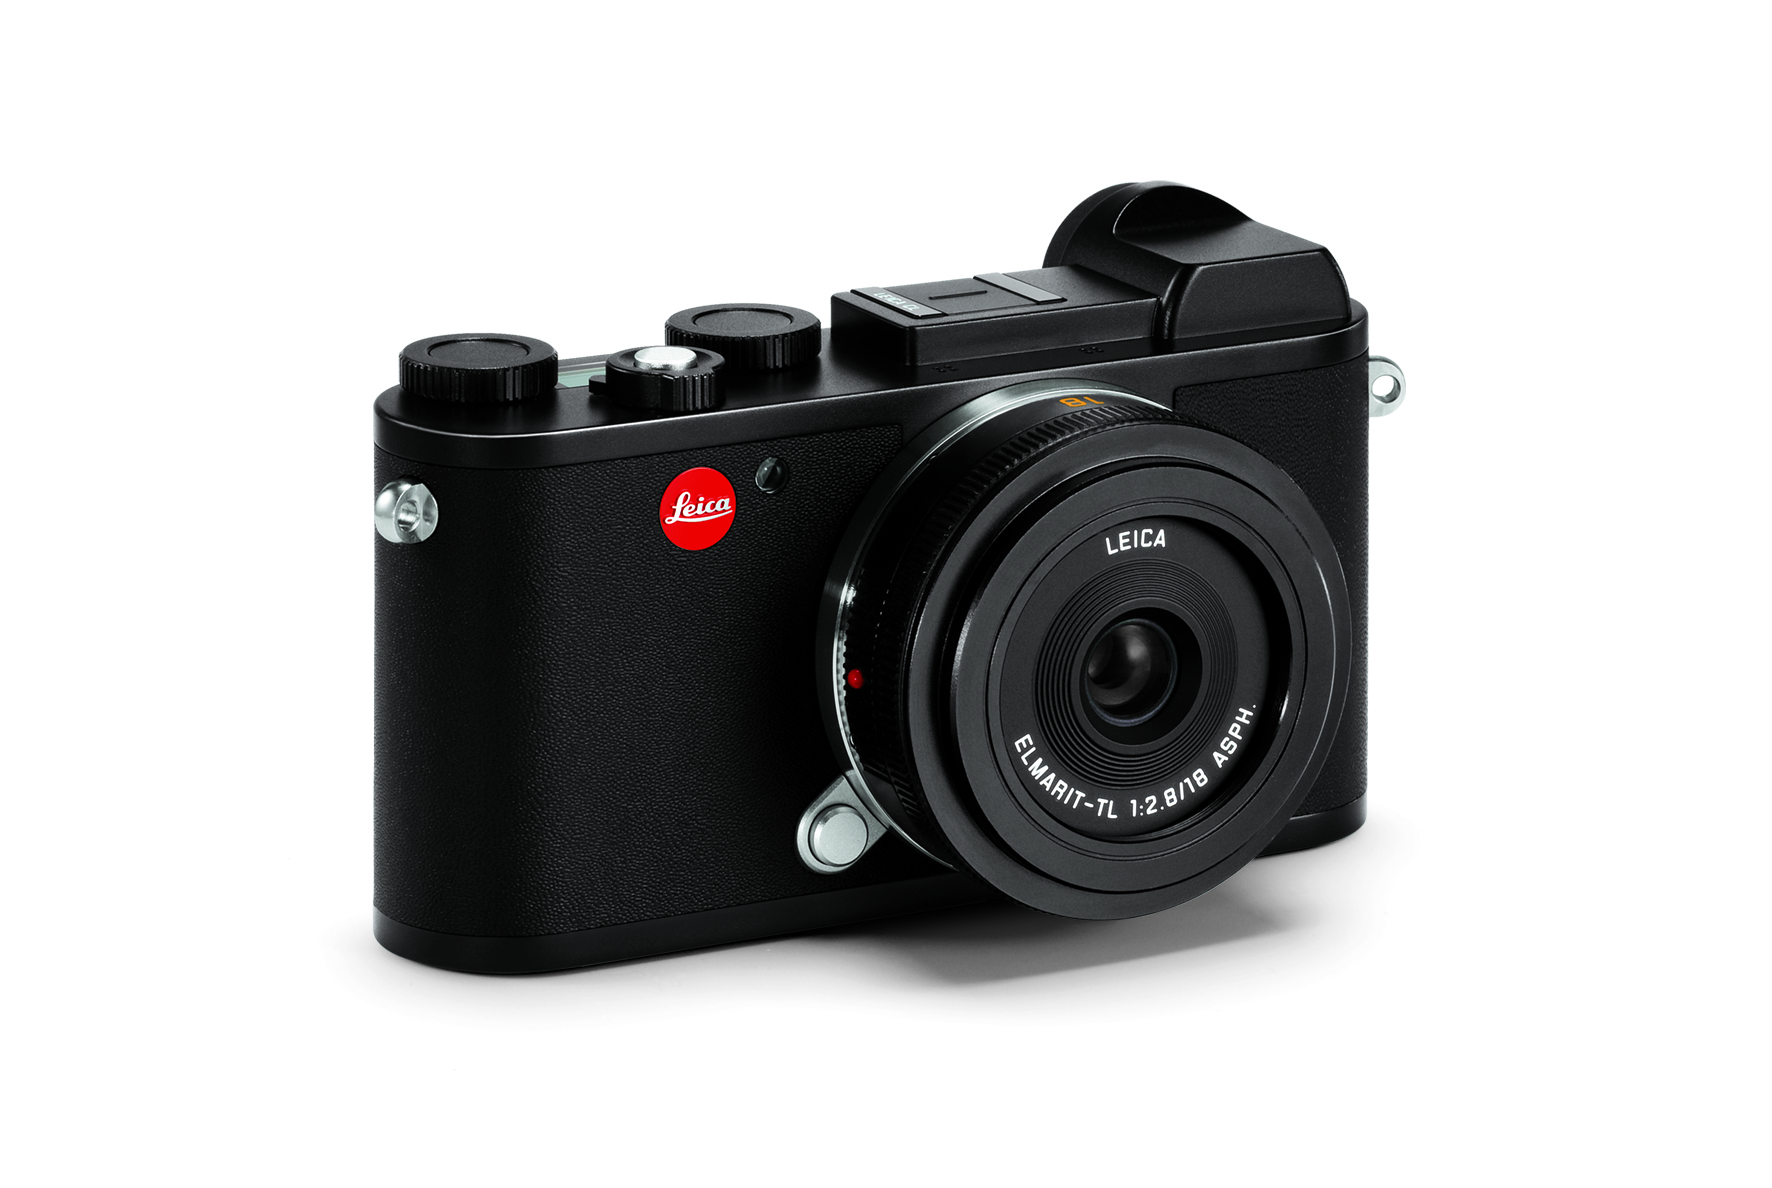 19301_Leica CL_11008_Elmarit-TL_18_ASPH_3D.jpg